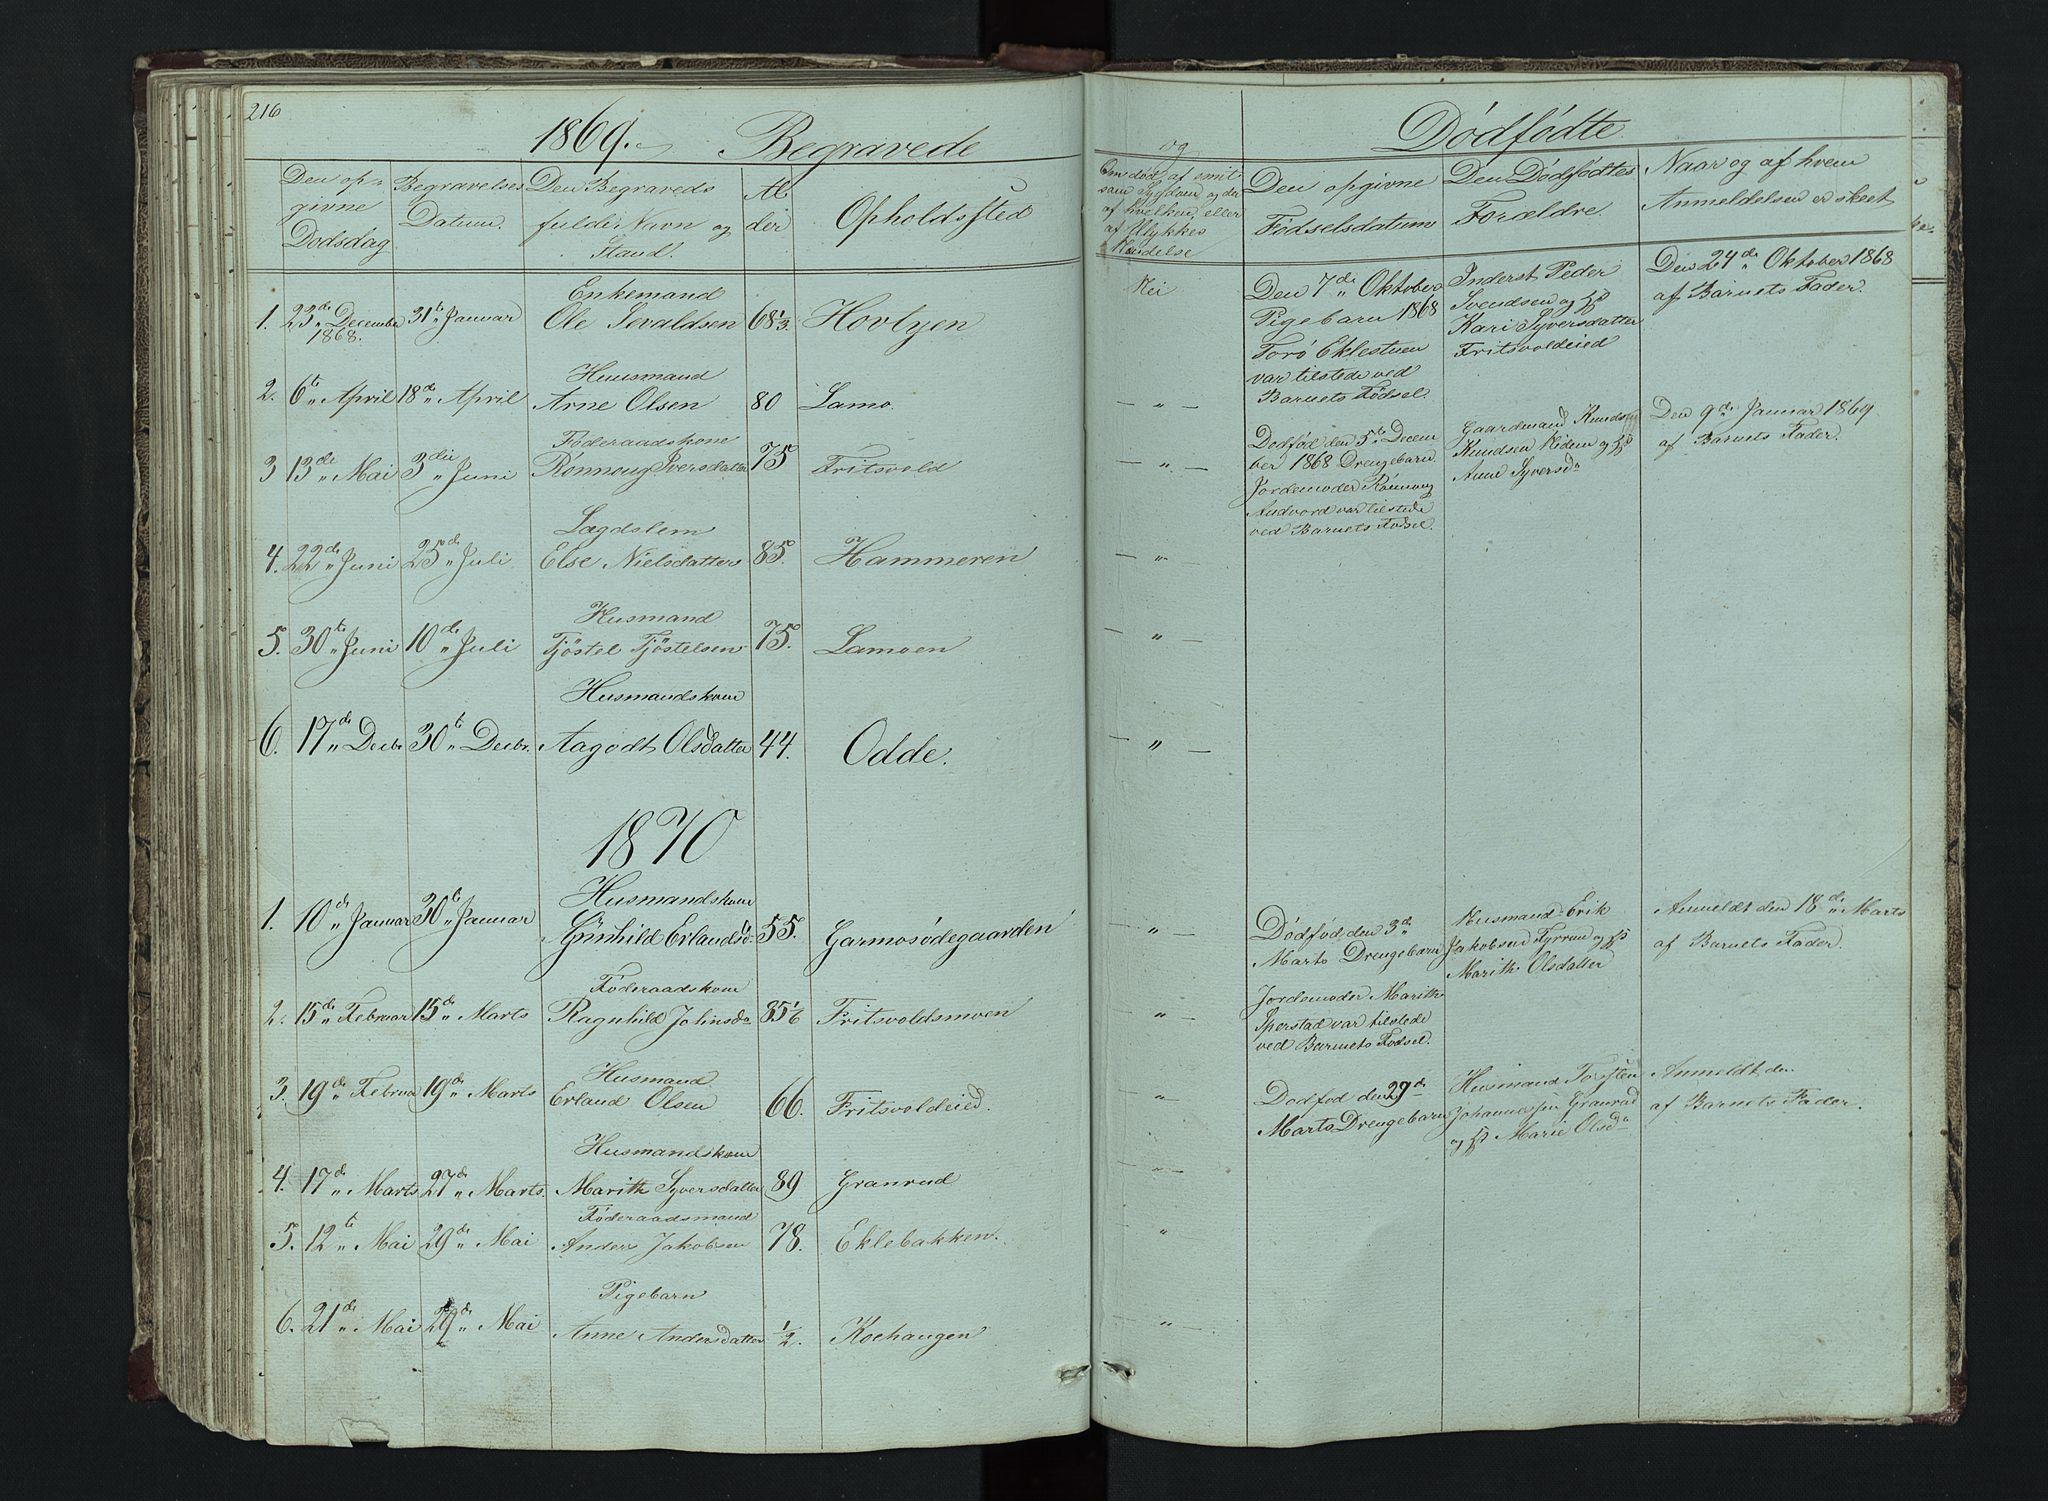 SAH, Lom prestekontor, L/L0014: Klokkerbok nr. 14, 1845-1876, s. 216-217